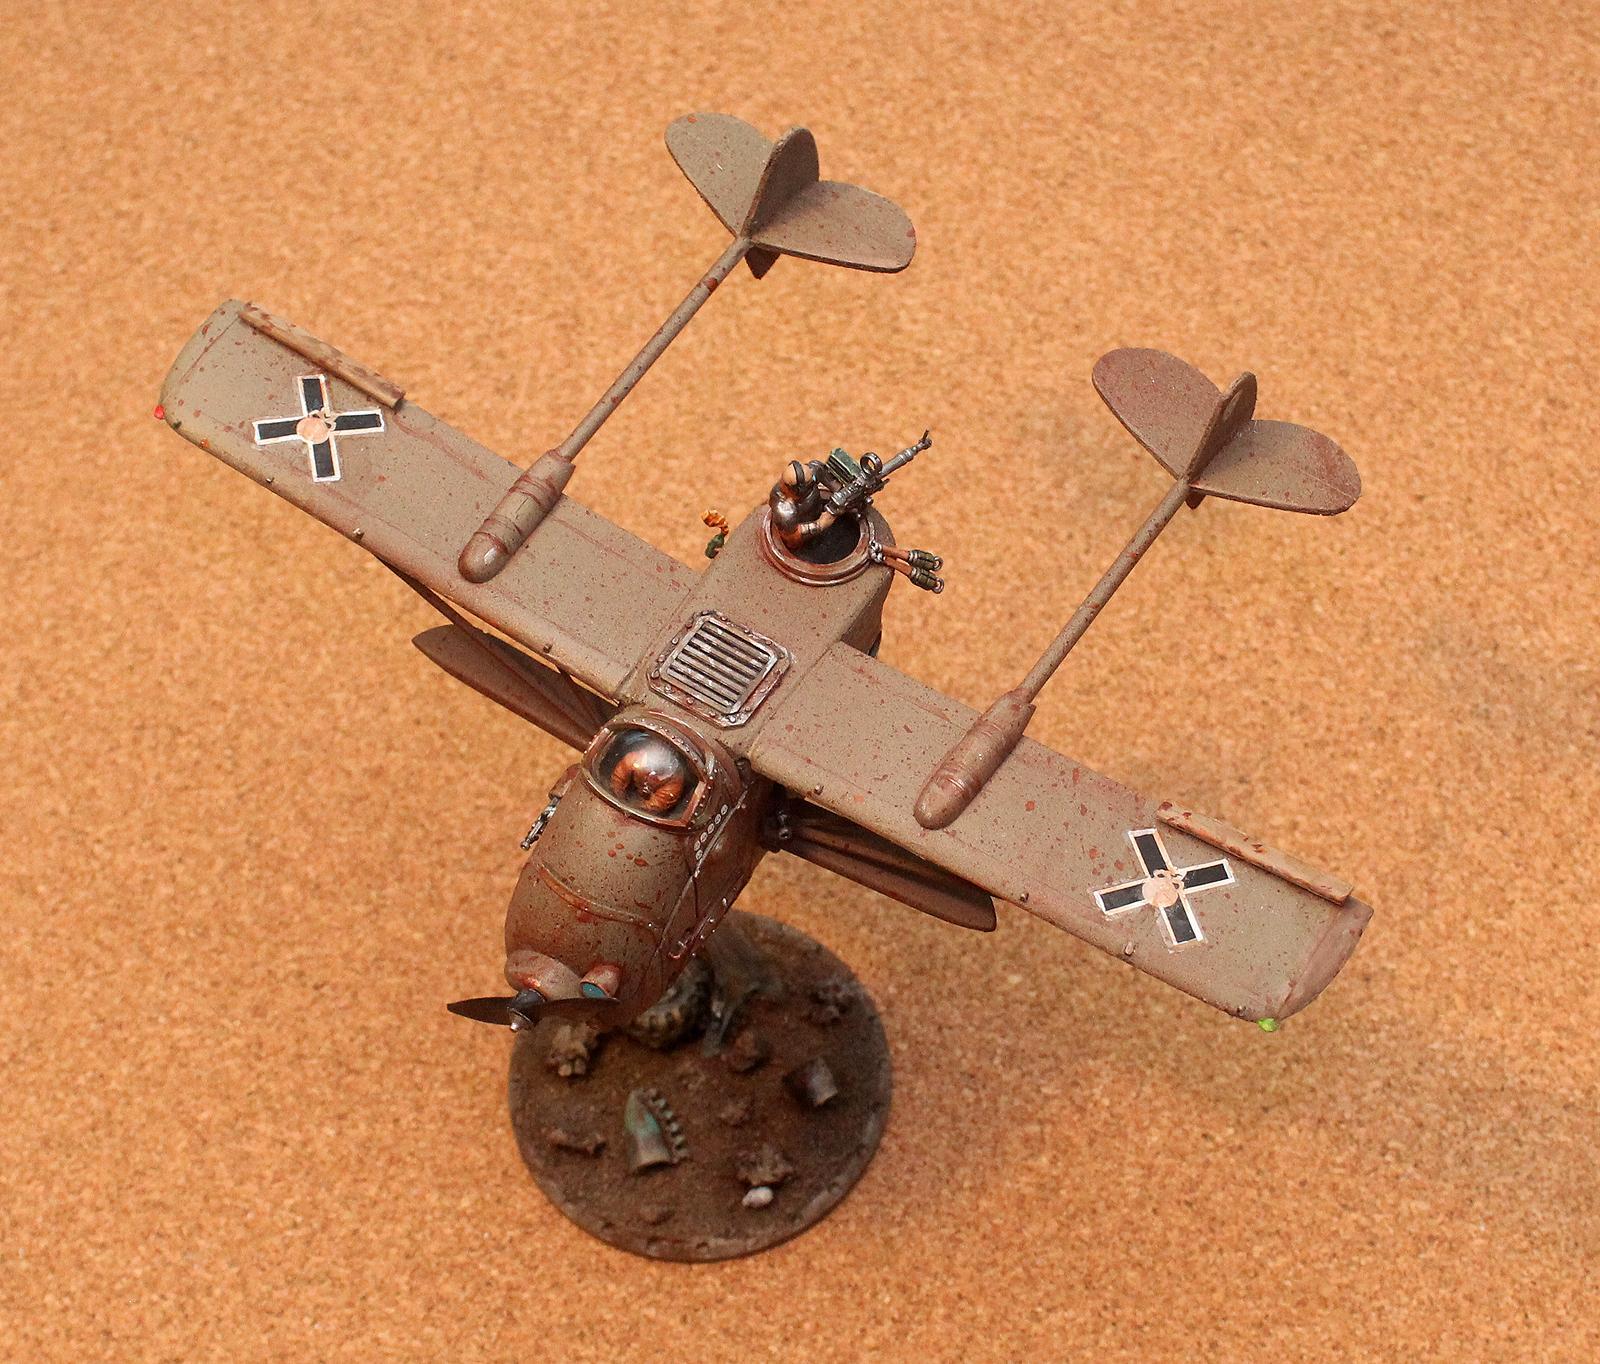 Airtruk, Biplane, Dust, Flyer, Mad, Max